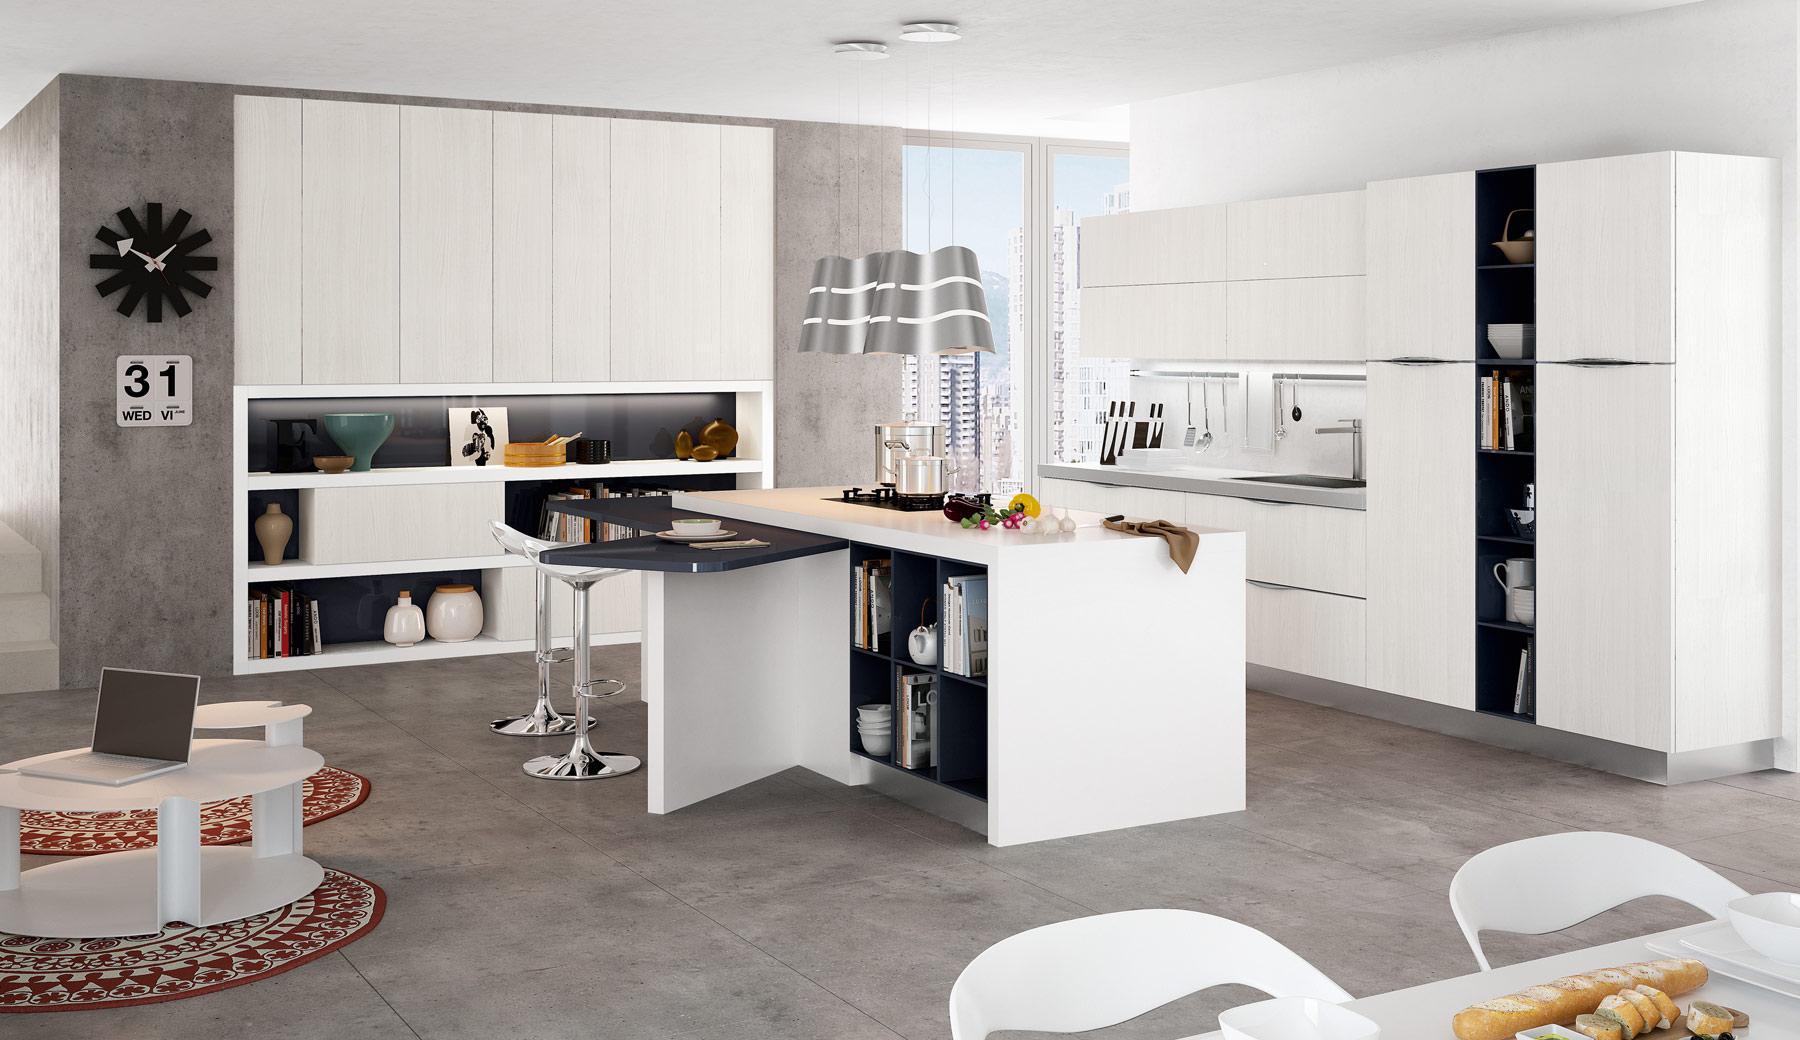 Оригинальная потолочная люстра цвета металлик на кухне